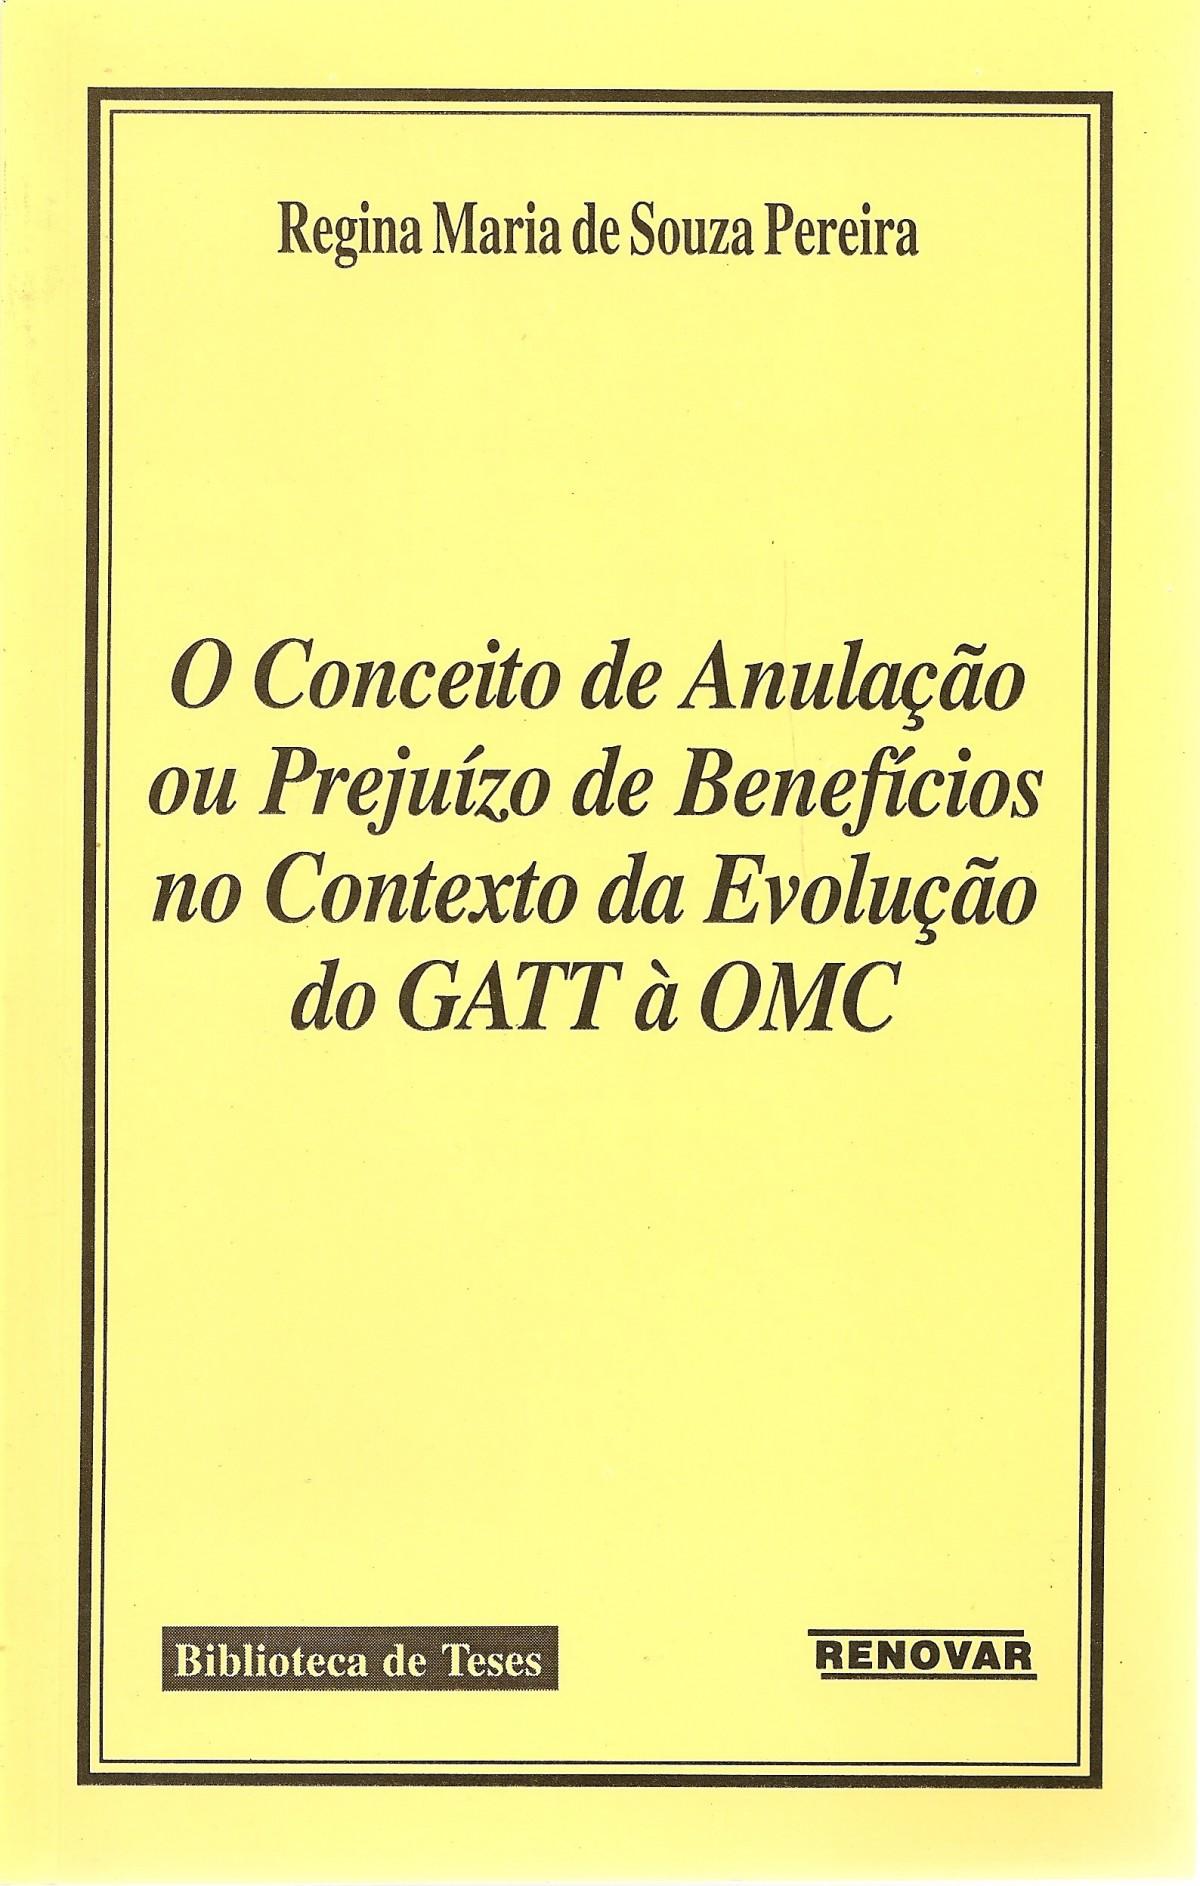 Foto 1 - O Conceito de Anulação ou Prejuízo de Benefícios no Contexto da Evolução do GATT à OMC